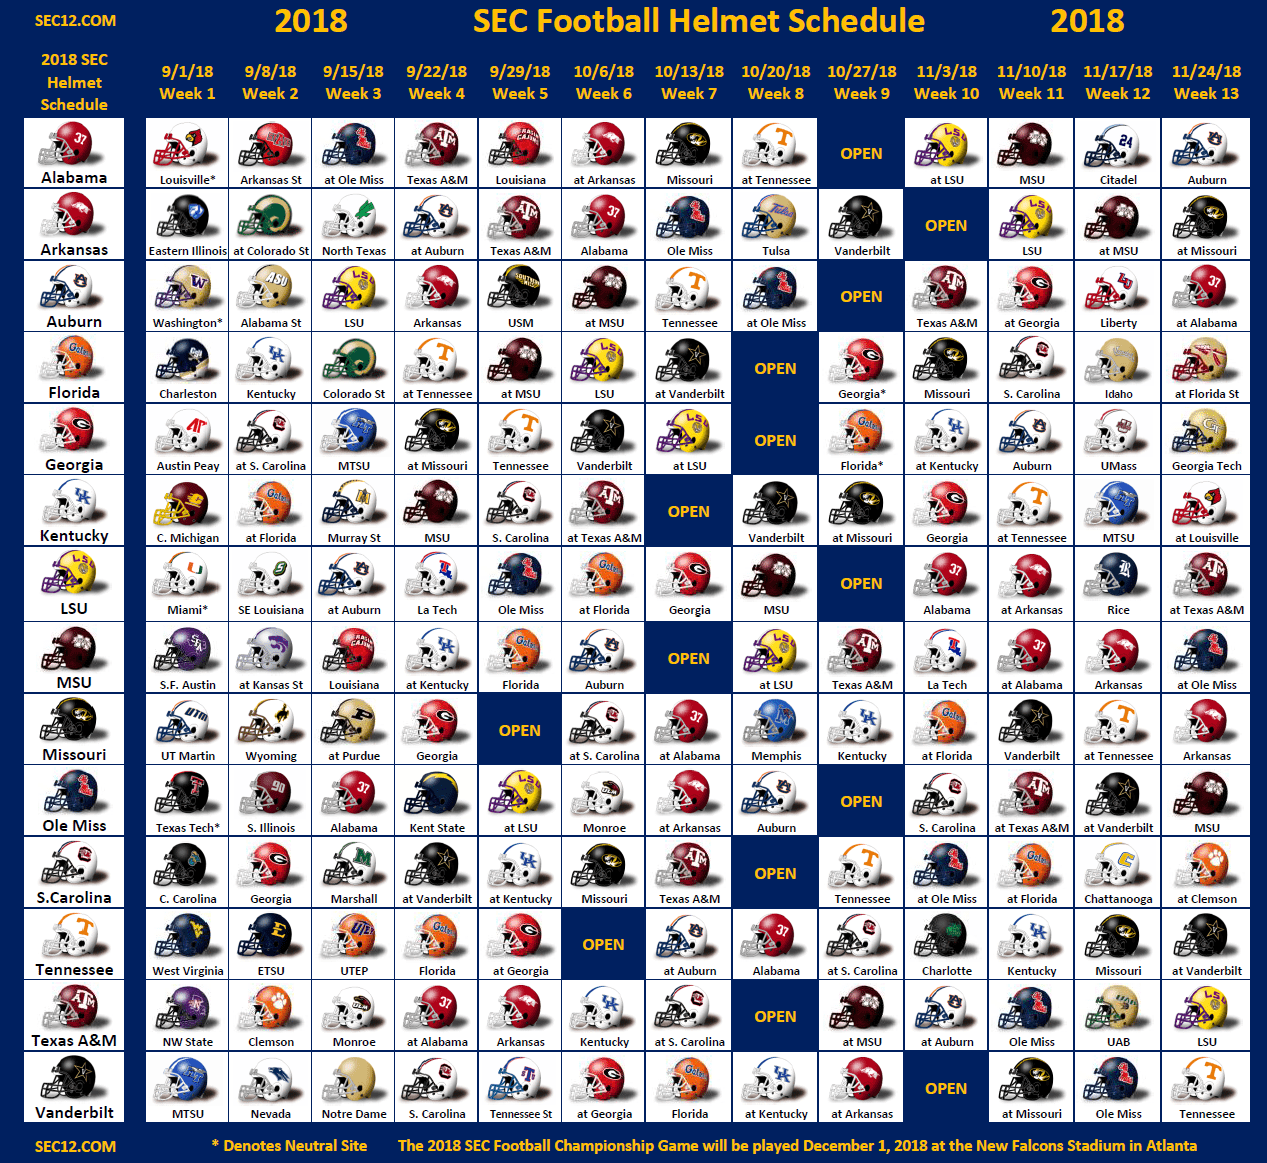 2018 SEC Football Helmet Schedule SEC Football